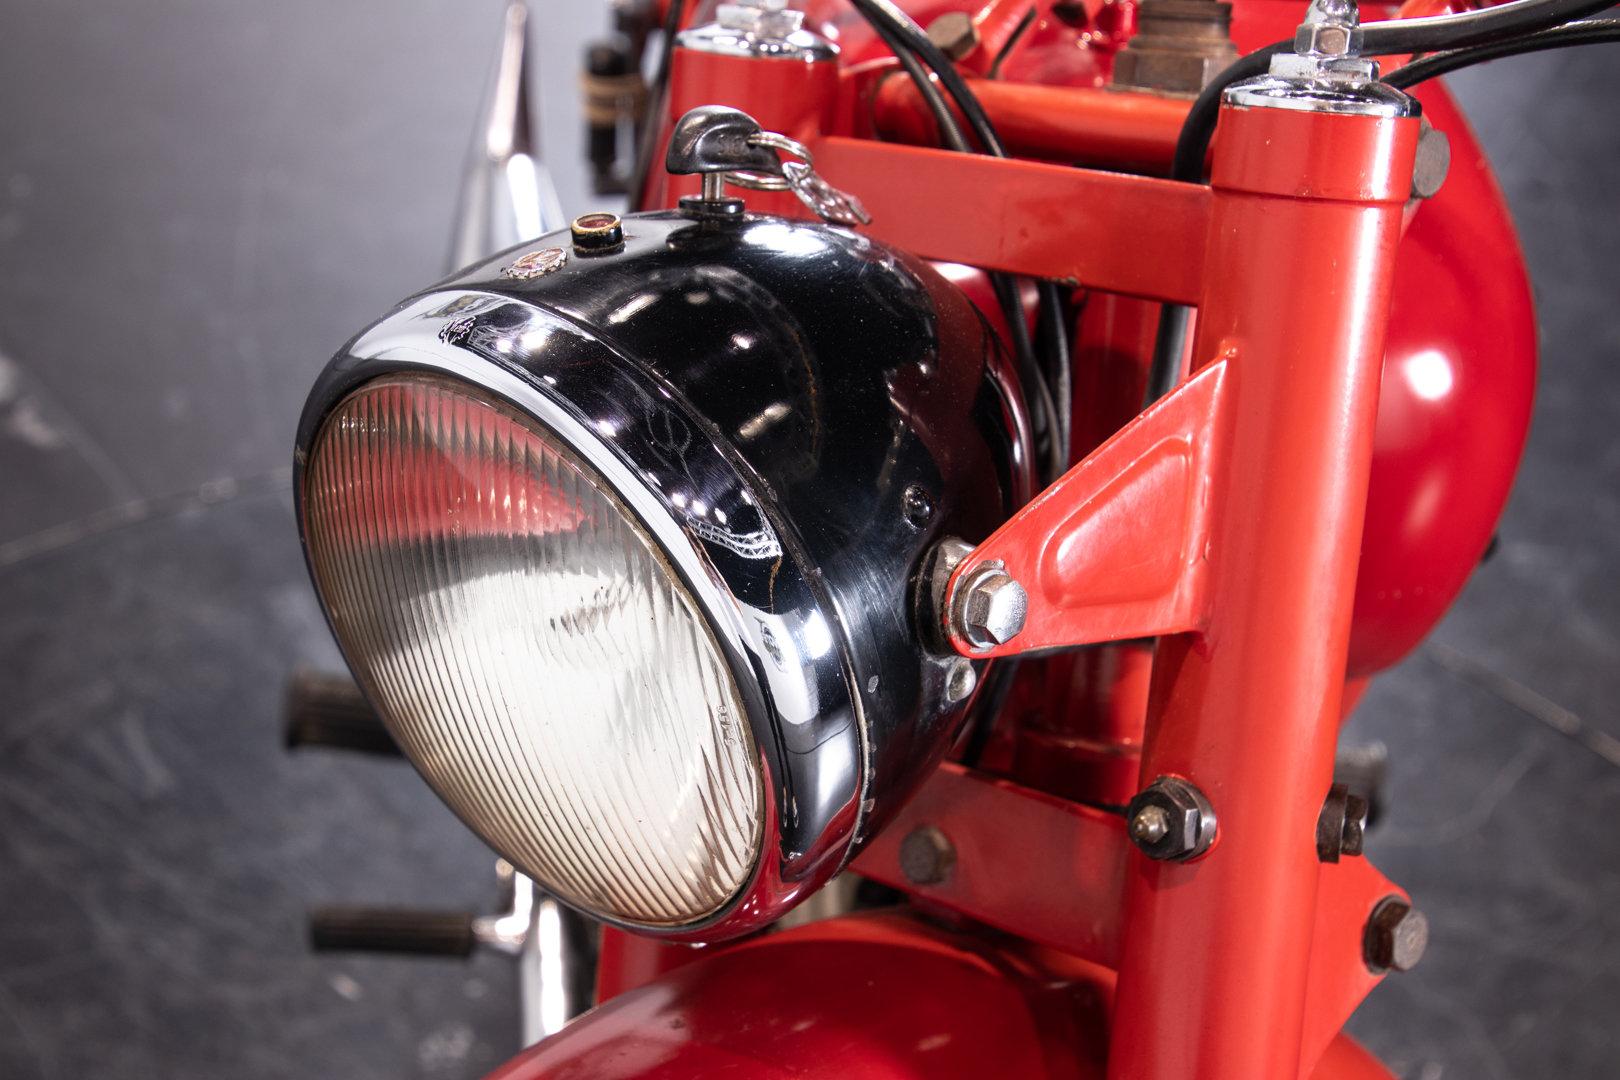 MOTO GUZZI - AIRONE SPORT 250 - 1954 For Sale (picture 6 of 6)